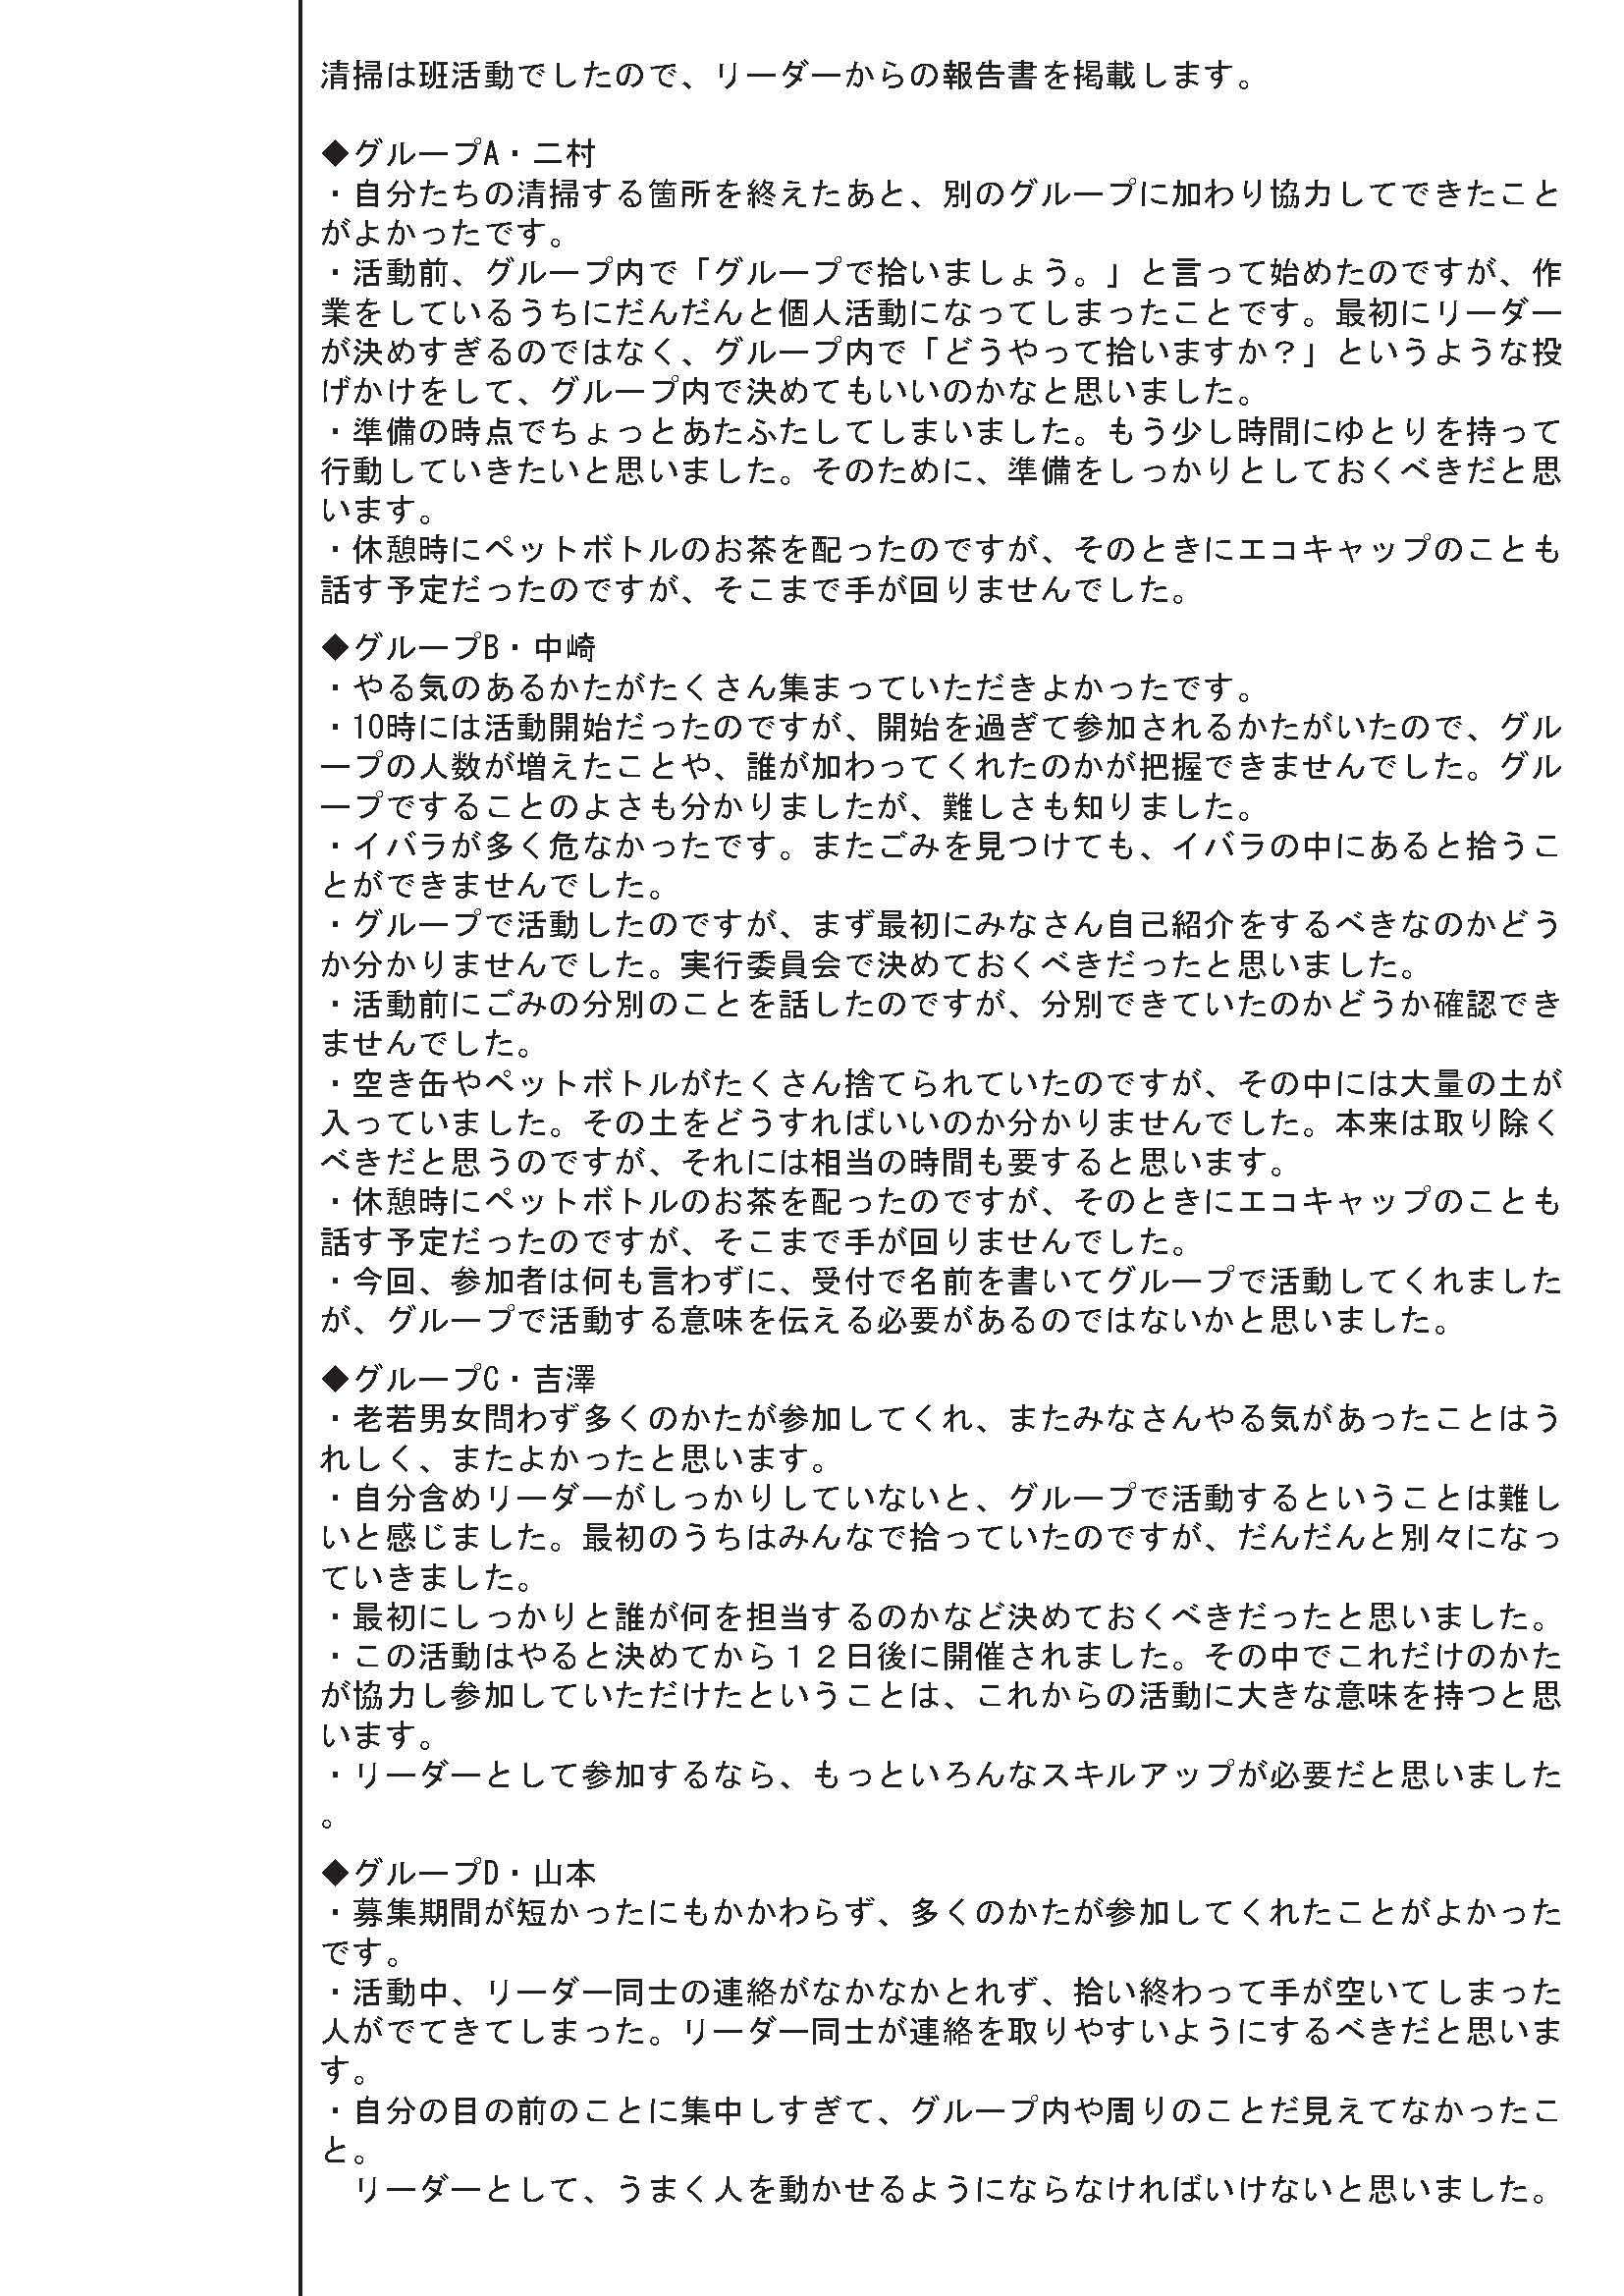 矢ノ川きれい隊清掃イベント報告書_c0010936_0271151.jpg